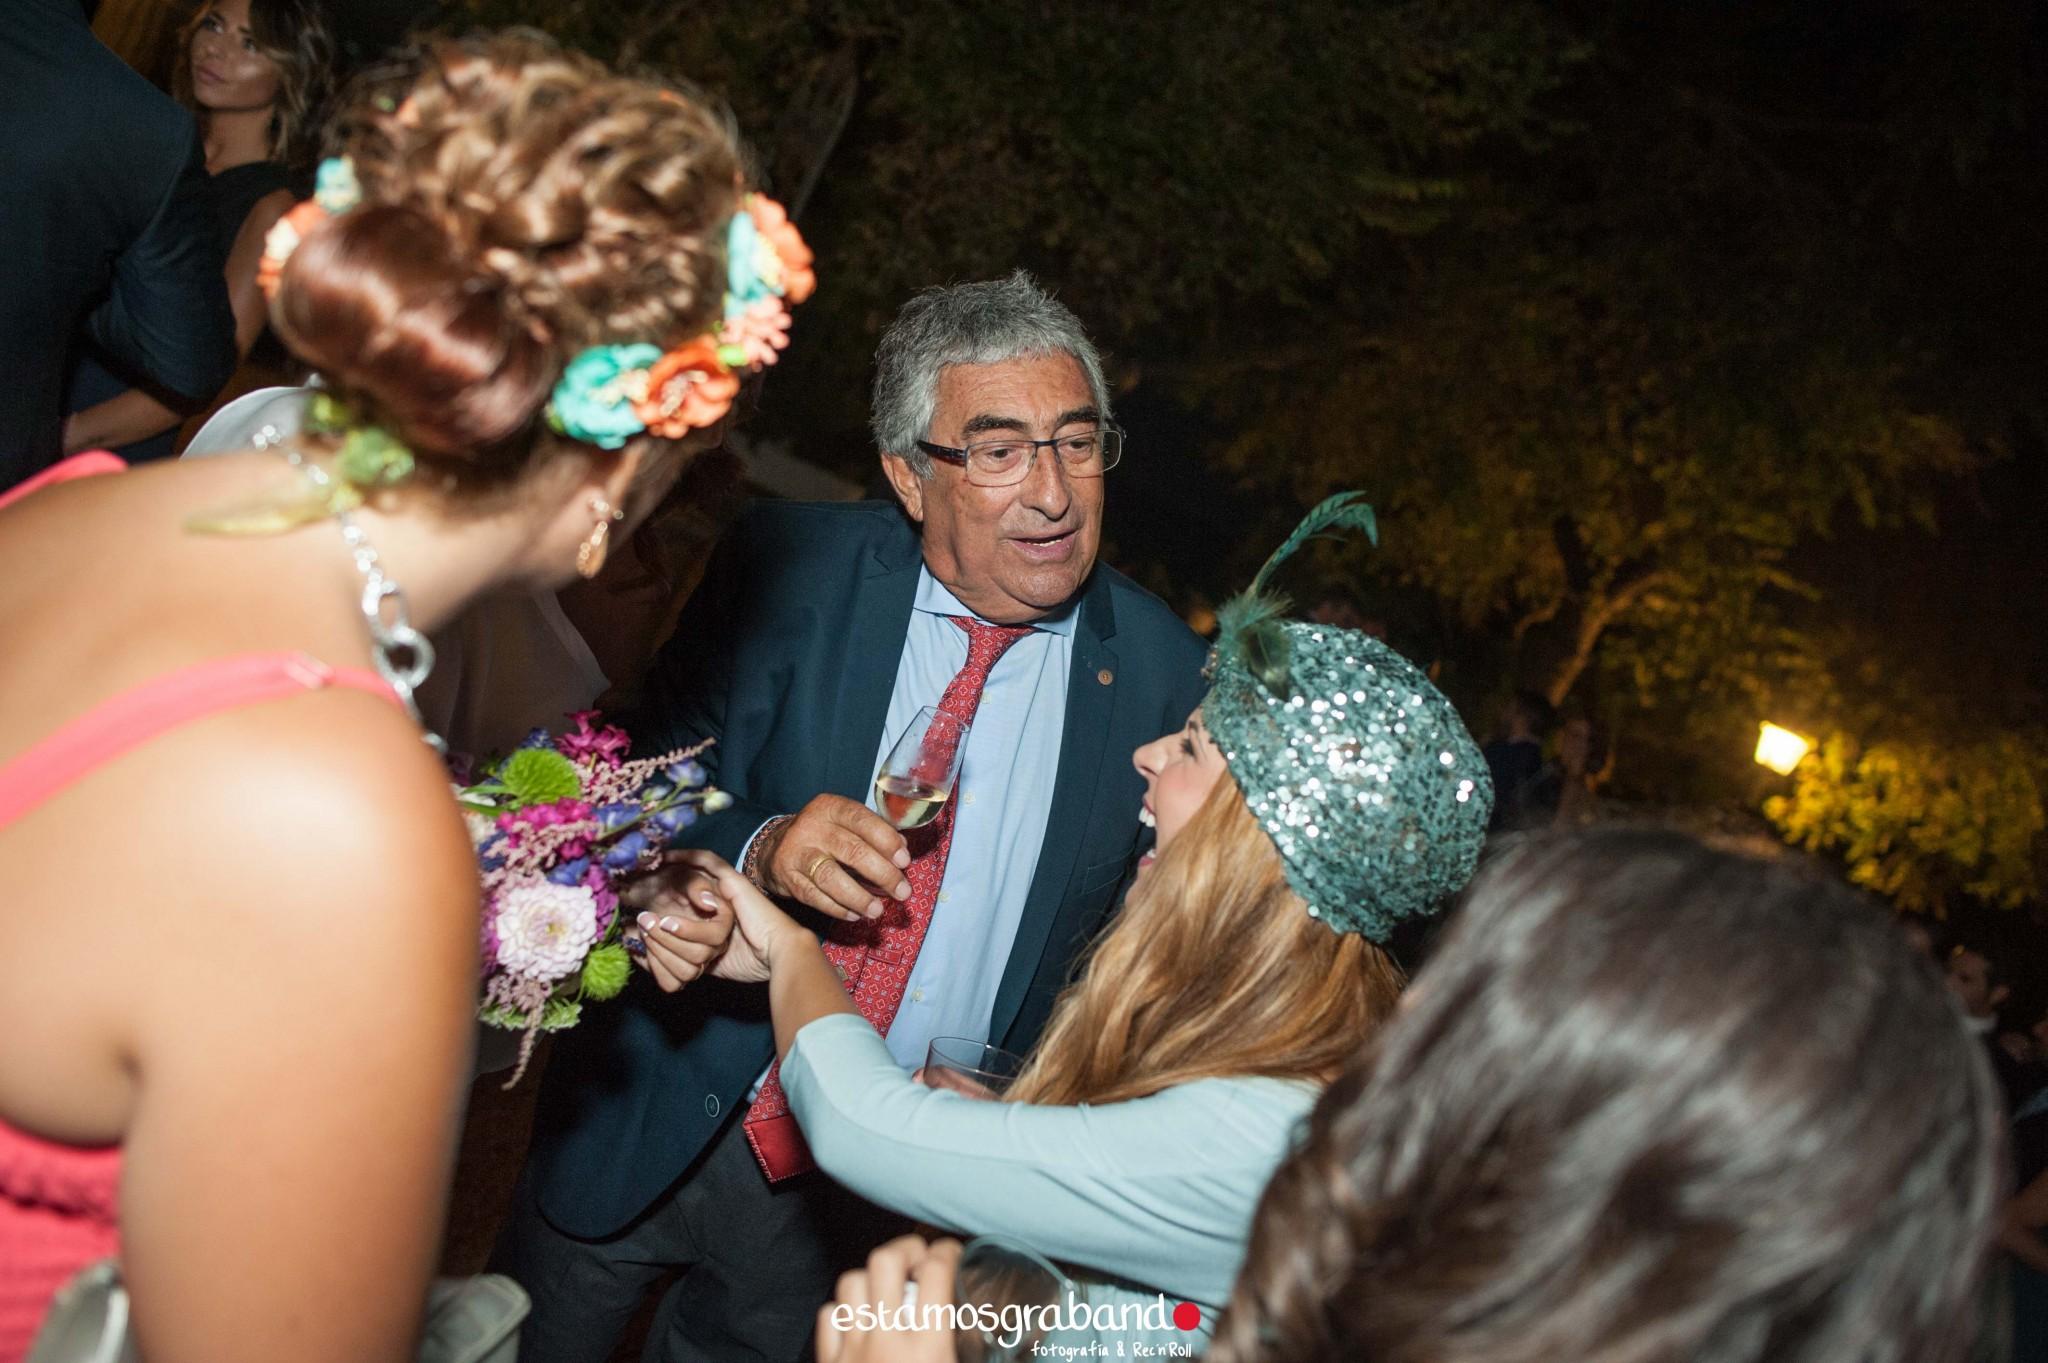 Miguel-Ana-35 Los invitados de Ana & Miguel [Fotografía de Boda_Viña La Carreña, Jerez] - video boda cadiz